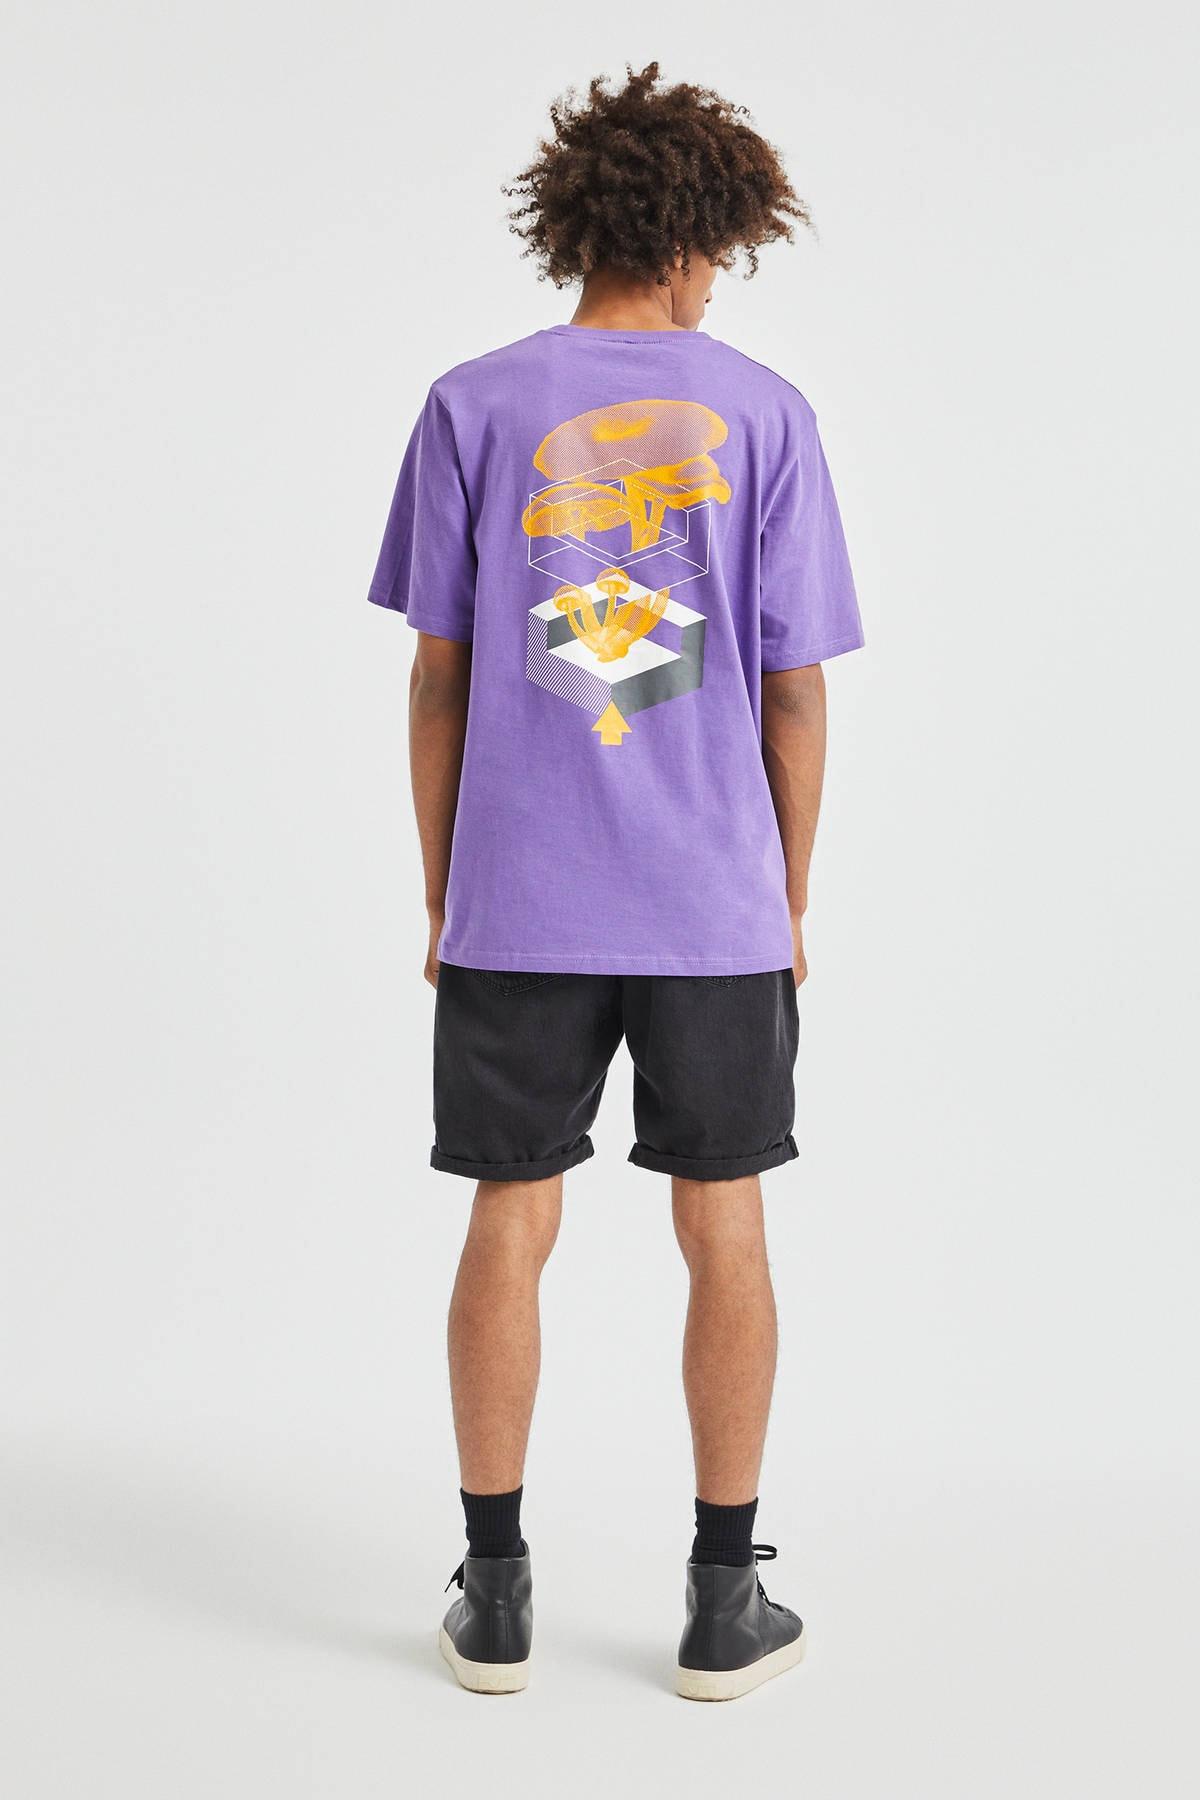 Pull & Bear Erkek Koyu Mor 3D Küp Desenli T-Shirt 09247566 1